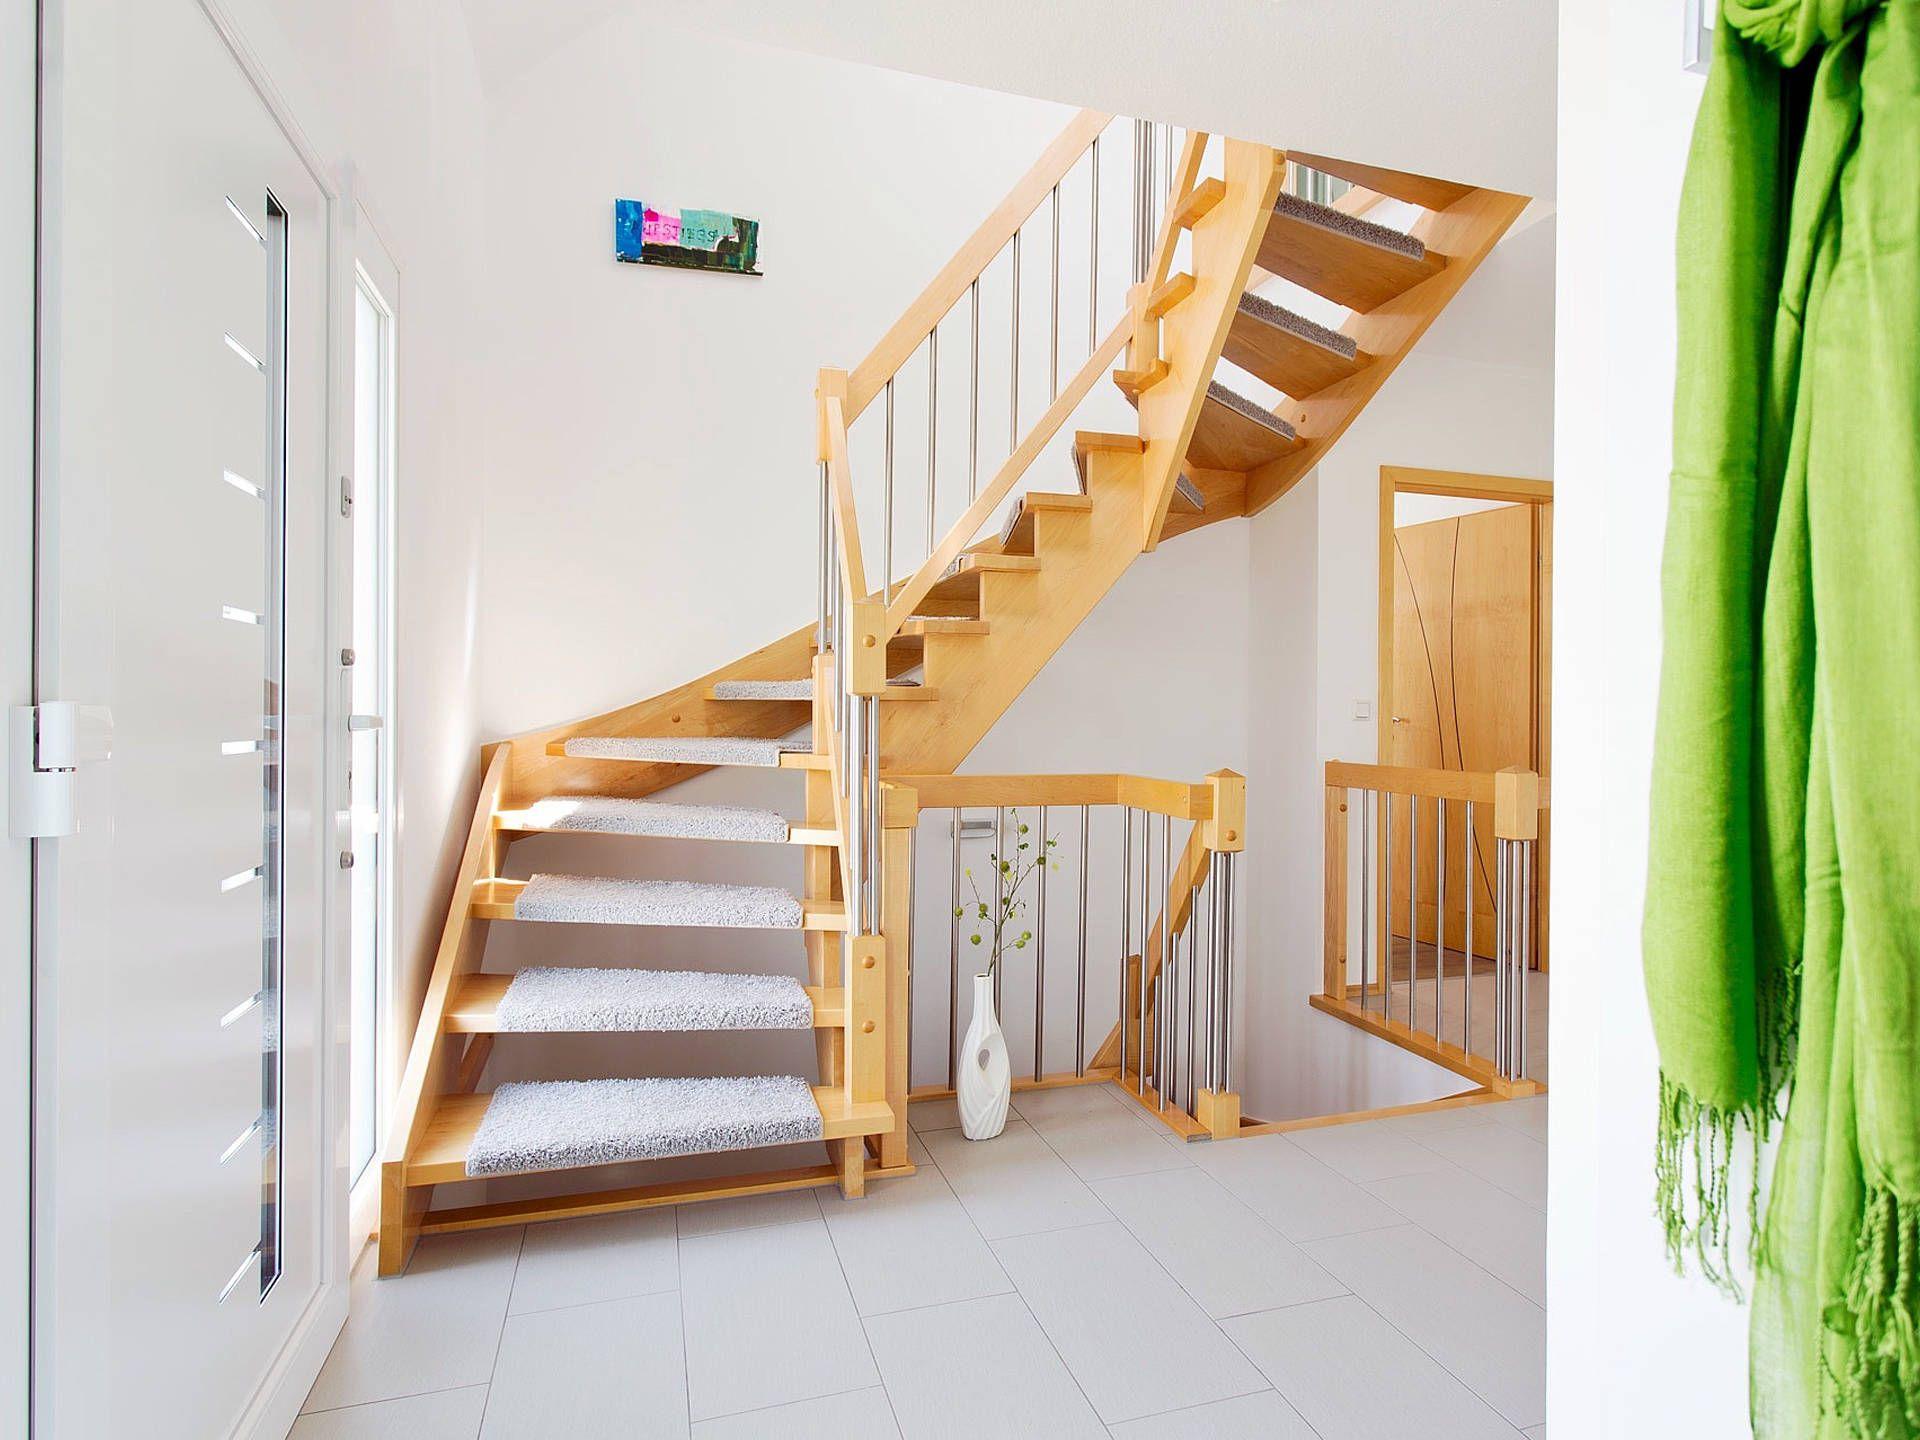 treppe im einfamilienhaus r von fingerhut haus mit inspirationen f r. Black Bedroom Furniture Sets. Home Design Ideas